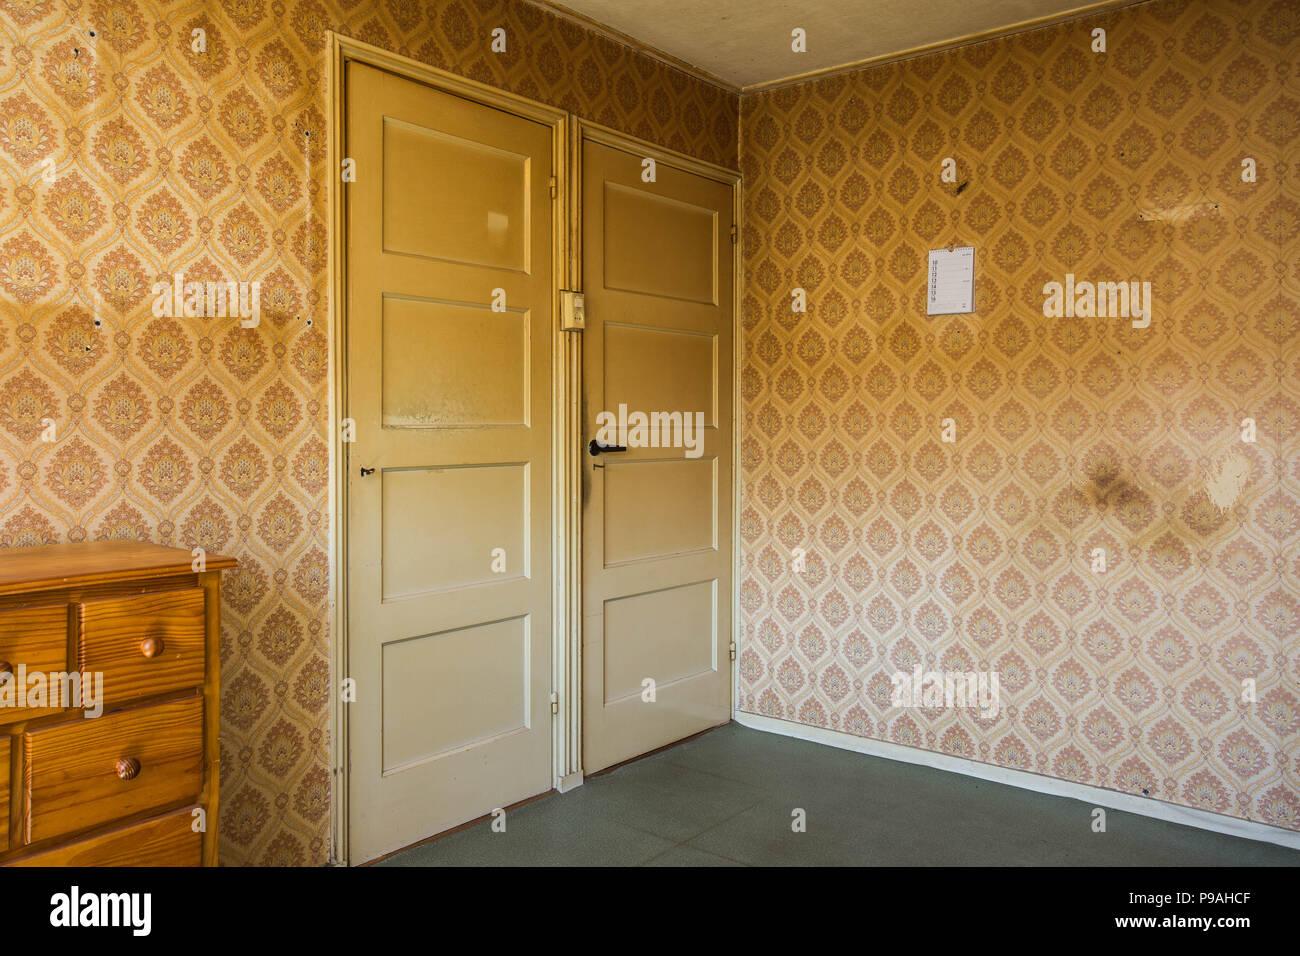 Vintage Zimmer mit Muster Tapete und altmodische Schrank und Tür ...